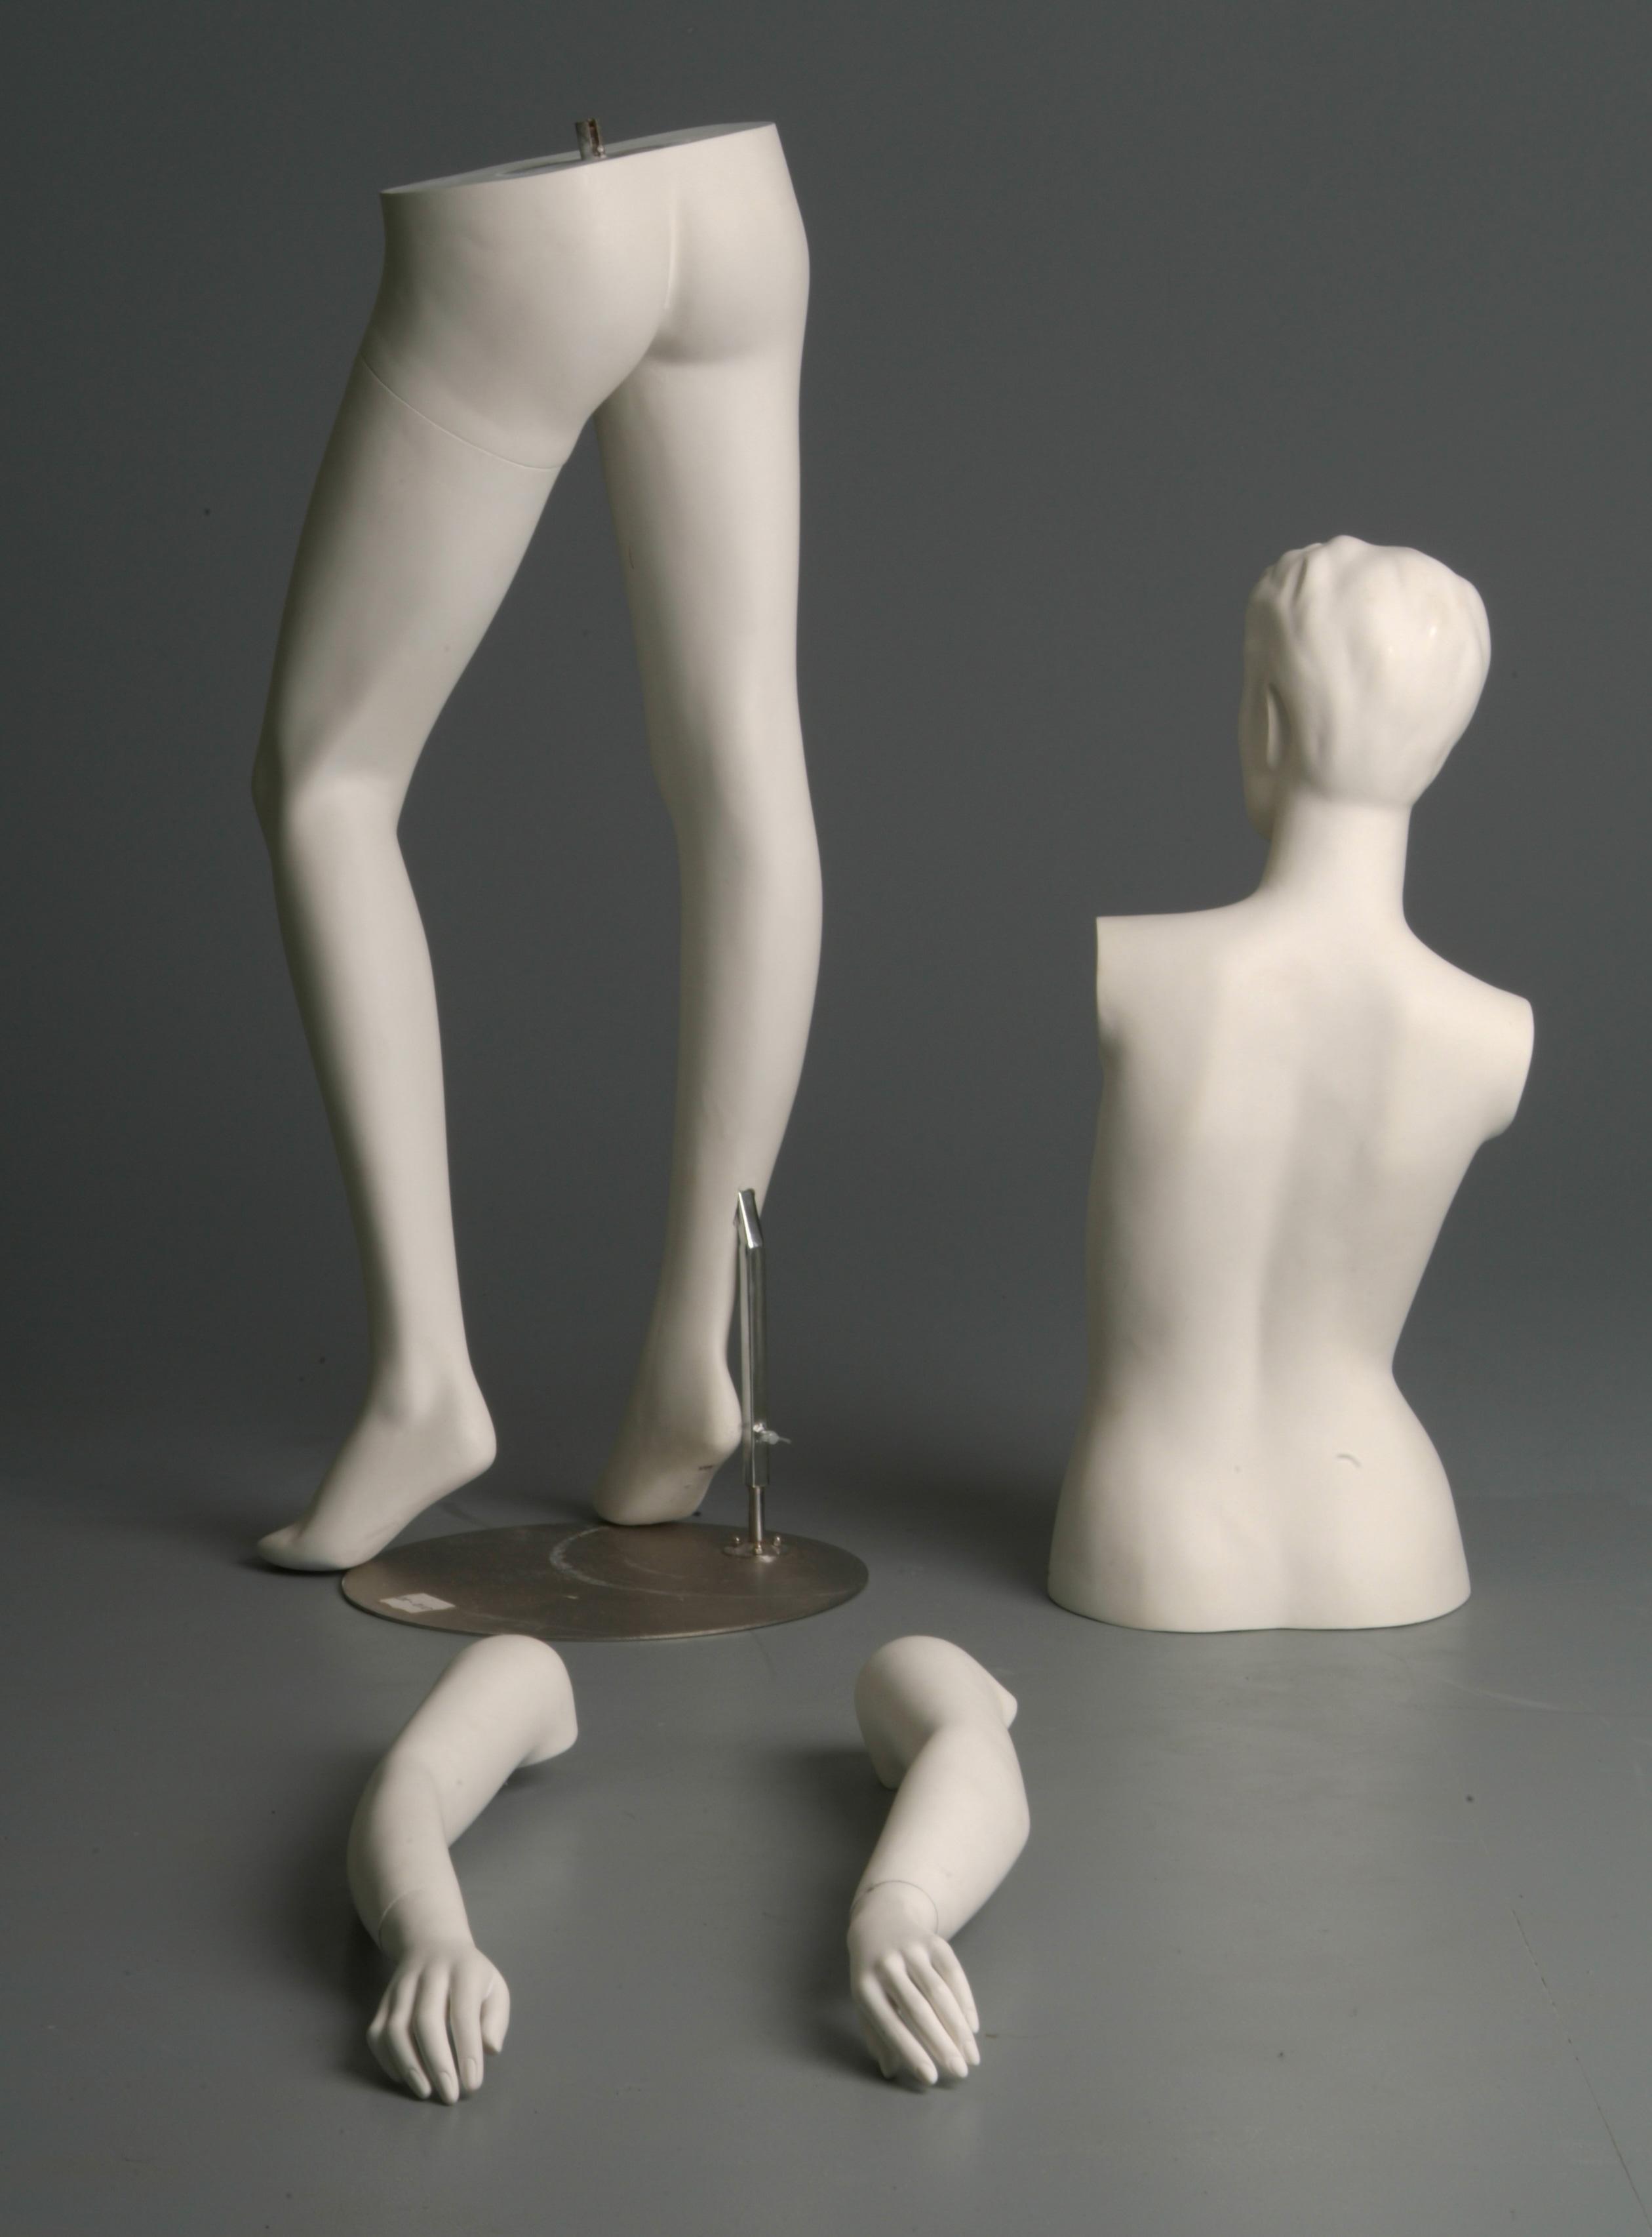 Mannequin - 9 by mjranum-stock